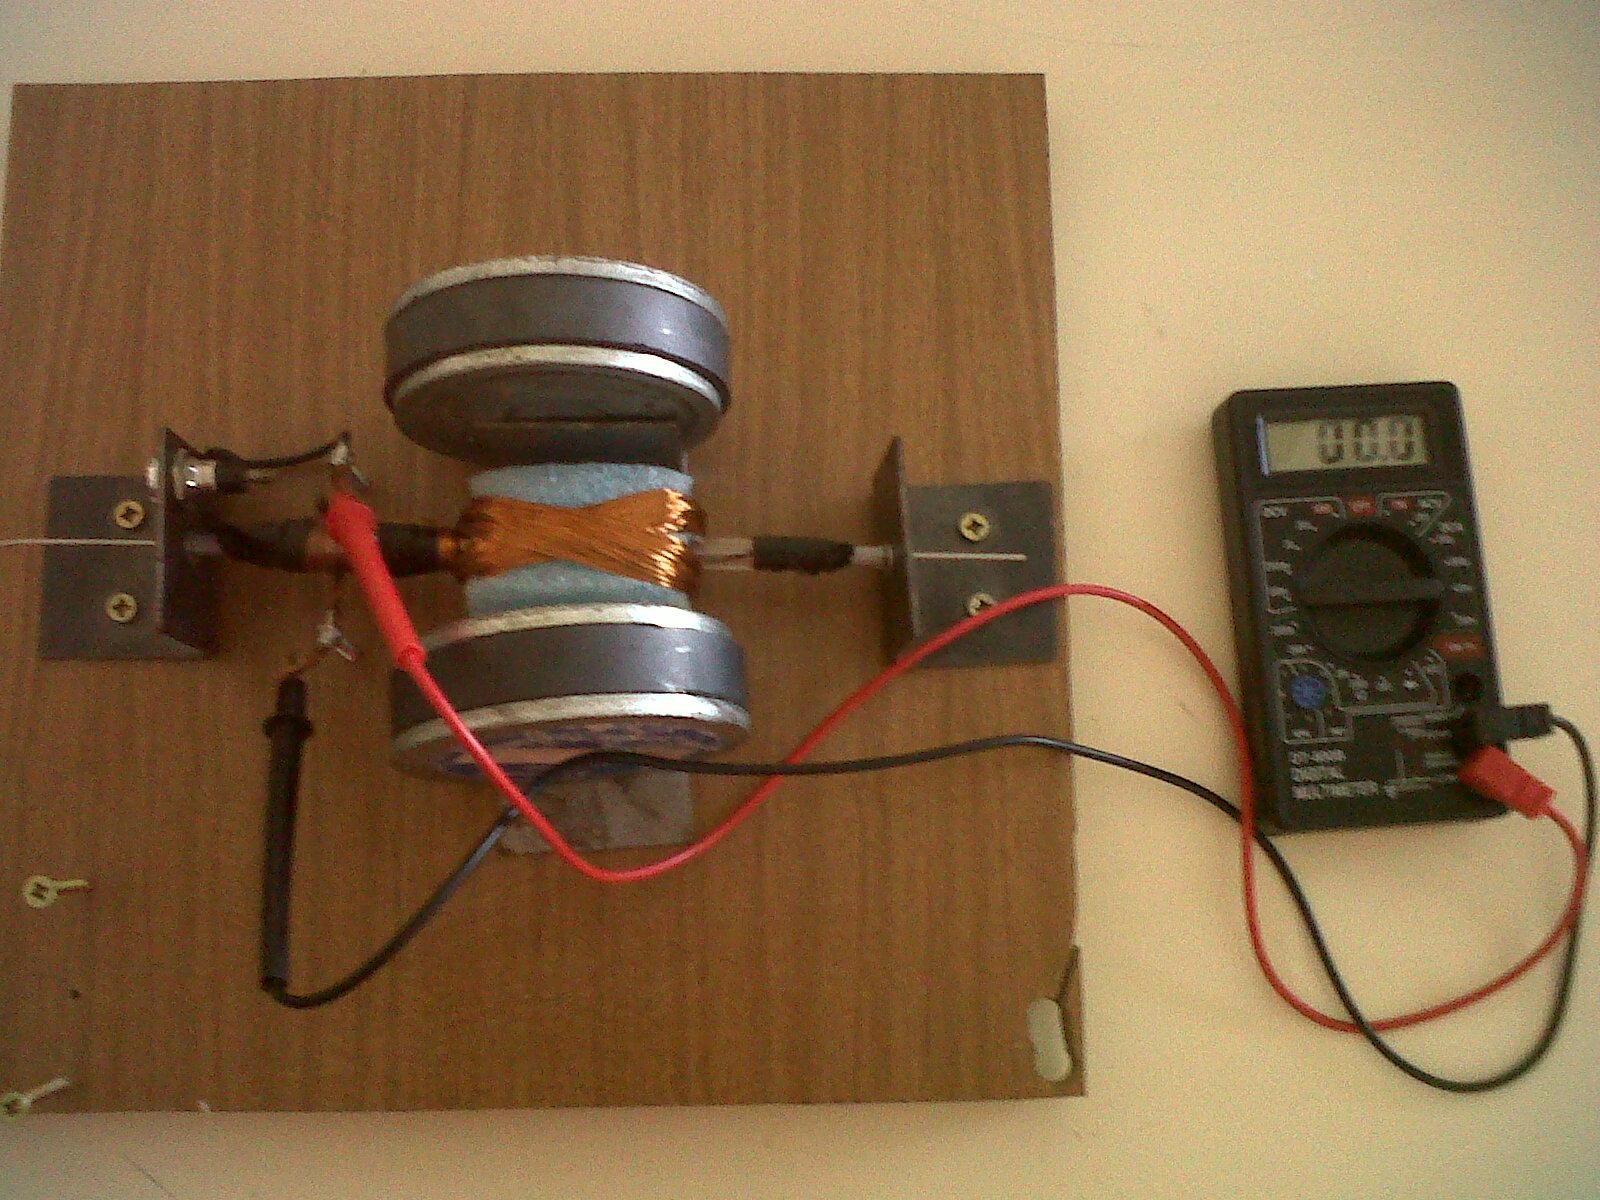 Bioalumnos generador de corriente alterna er gaviota - Generador de corriente ...